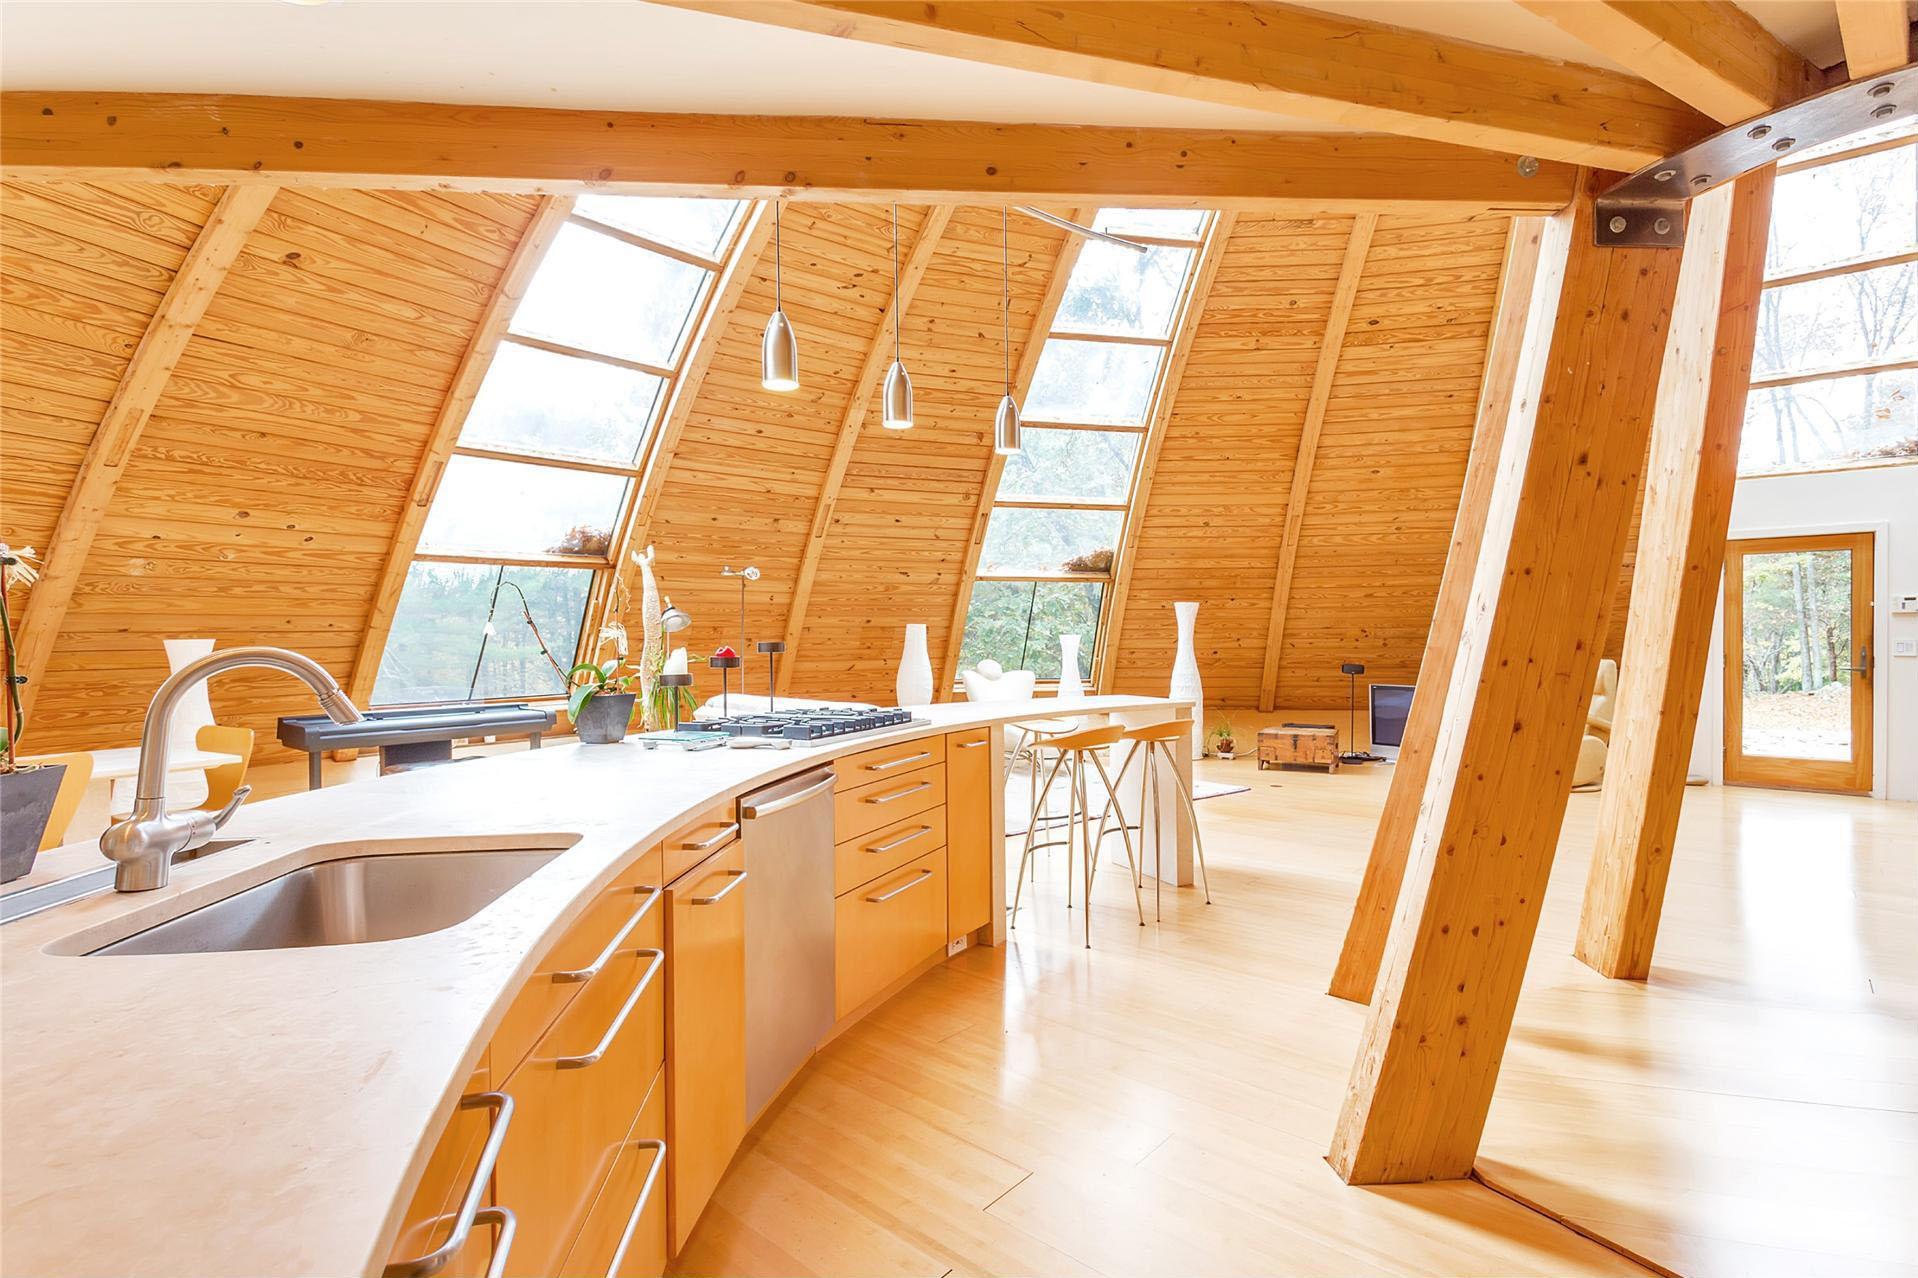 Casas de ensueño: una vivienda ecológica de lujo con forma de platillo volante